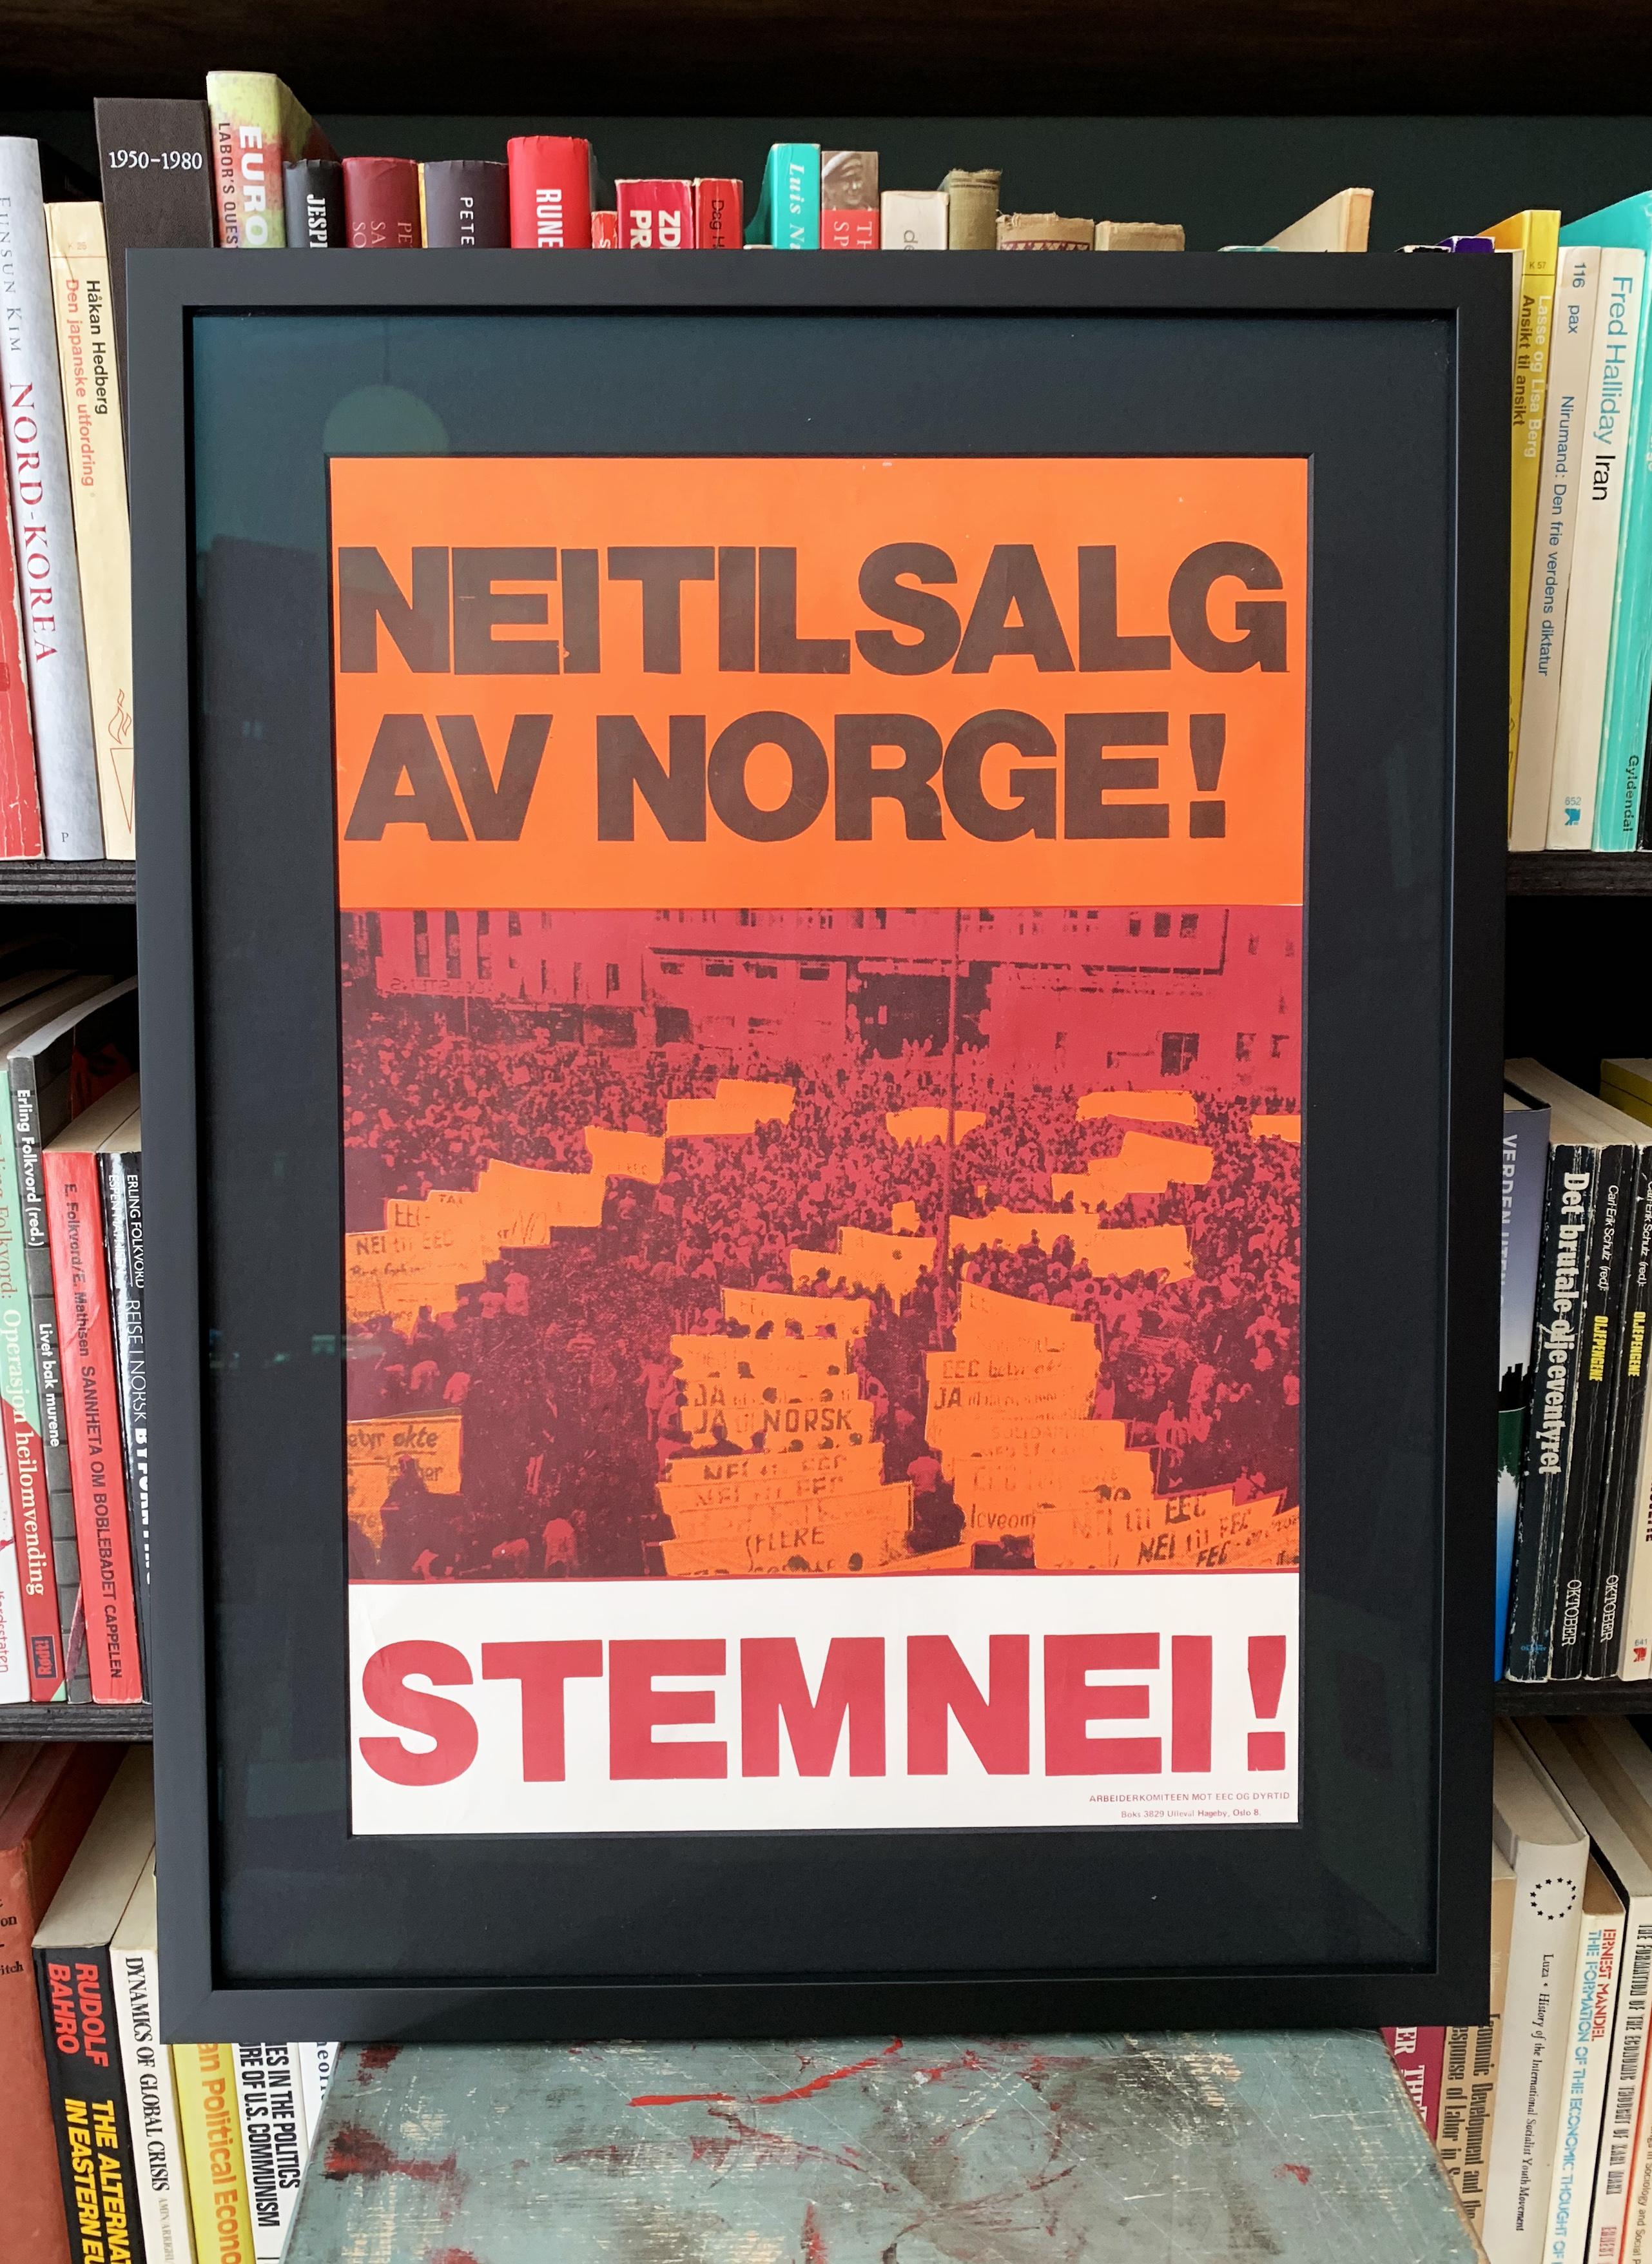 Nei til salg av Norge! Stem nei! (1972)